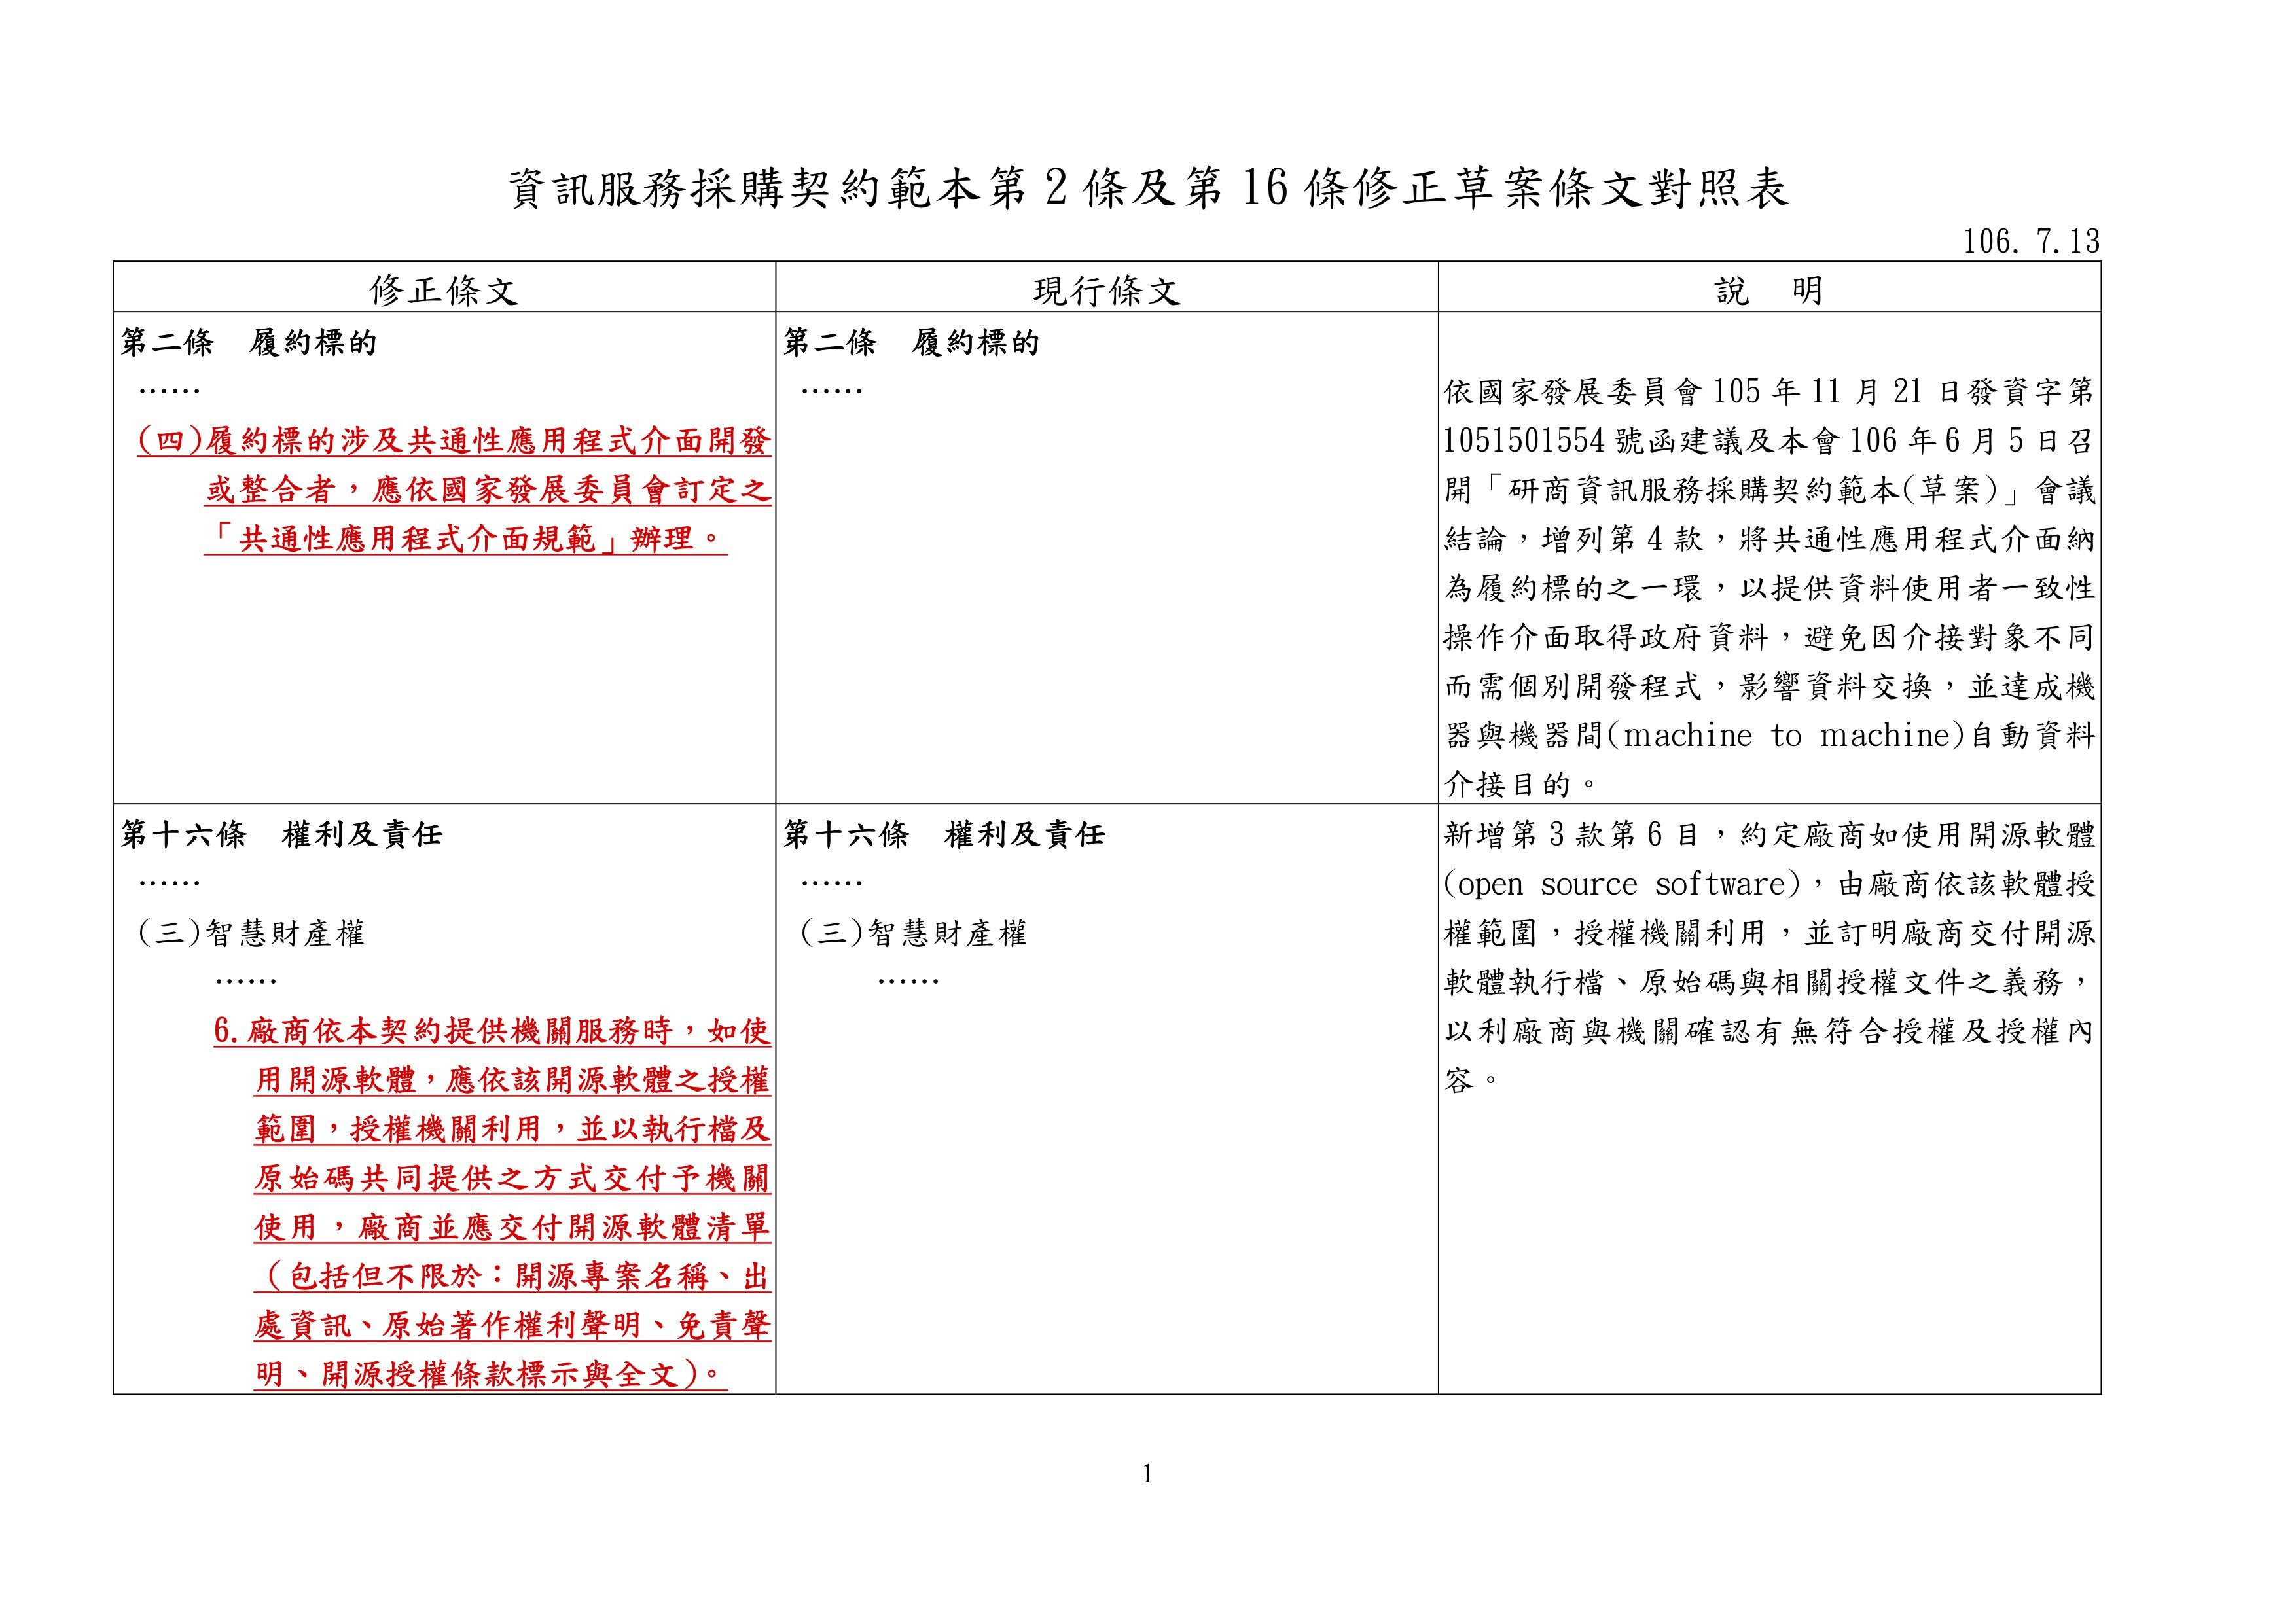 行政院公共工程委員會修正「資訊服務採購契約範本」修正對照表